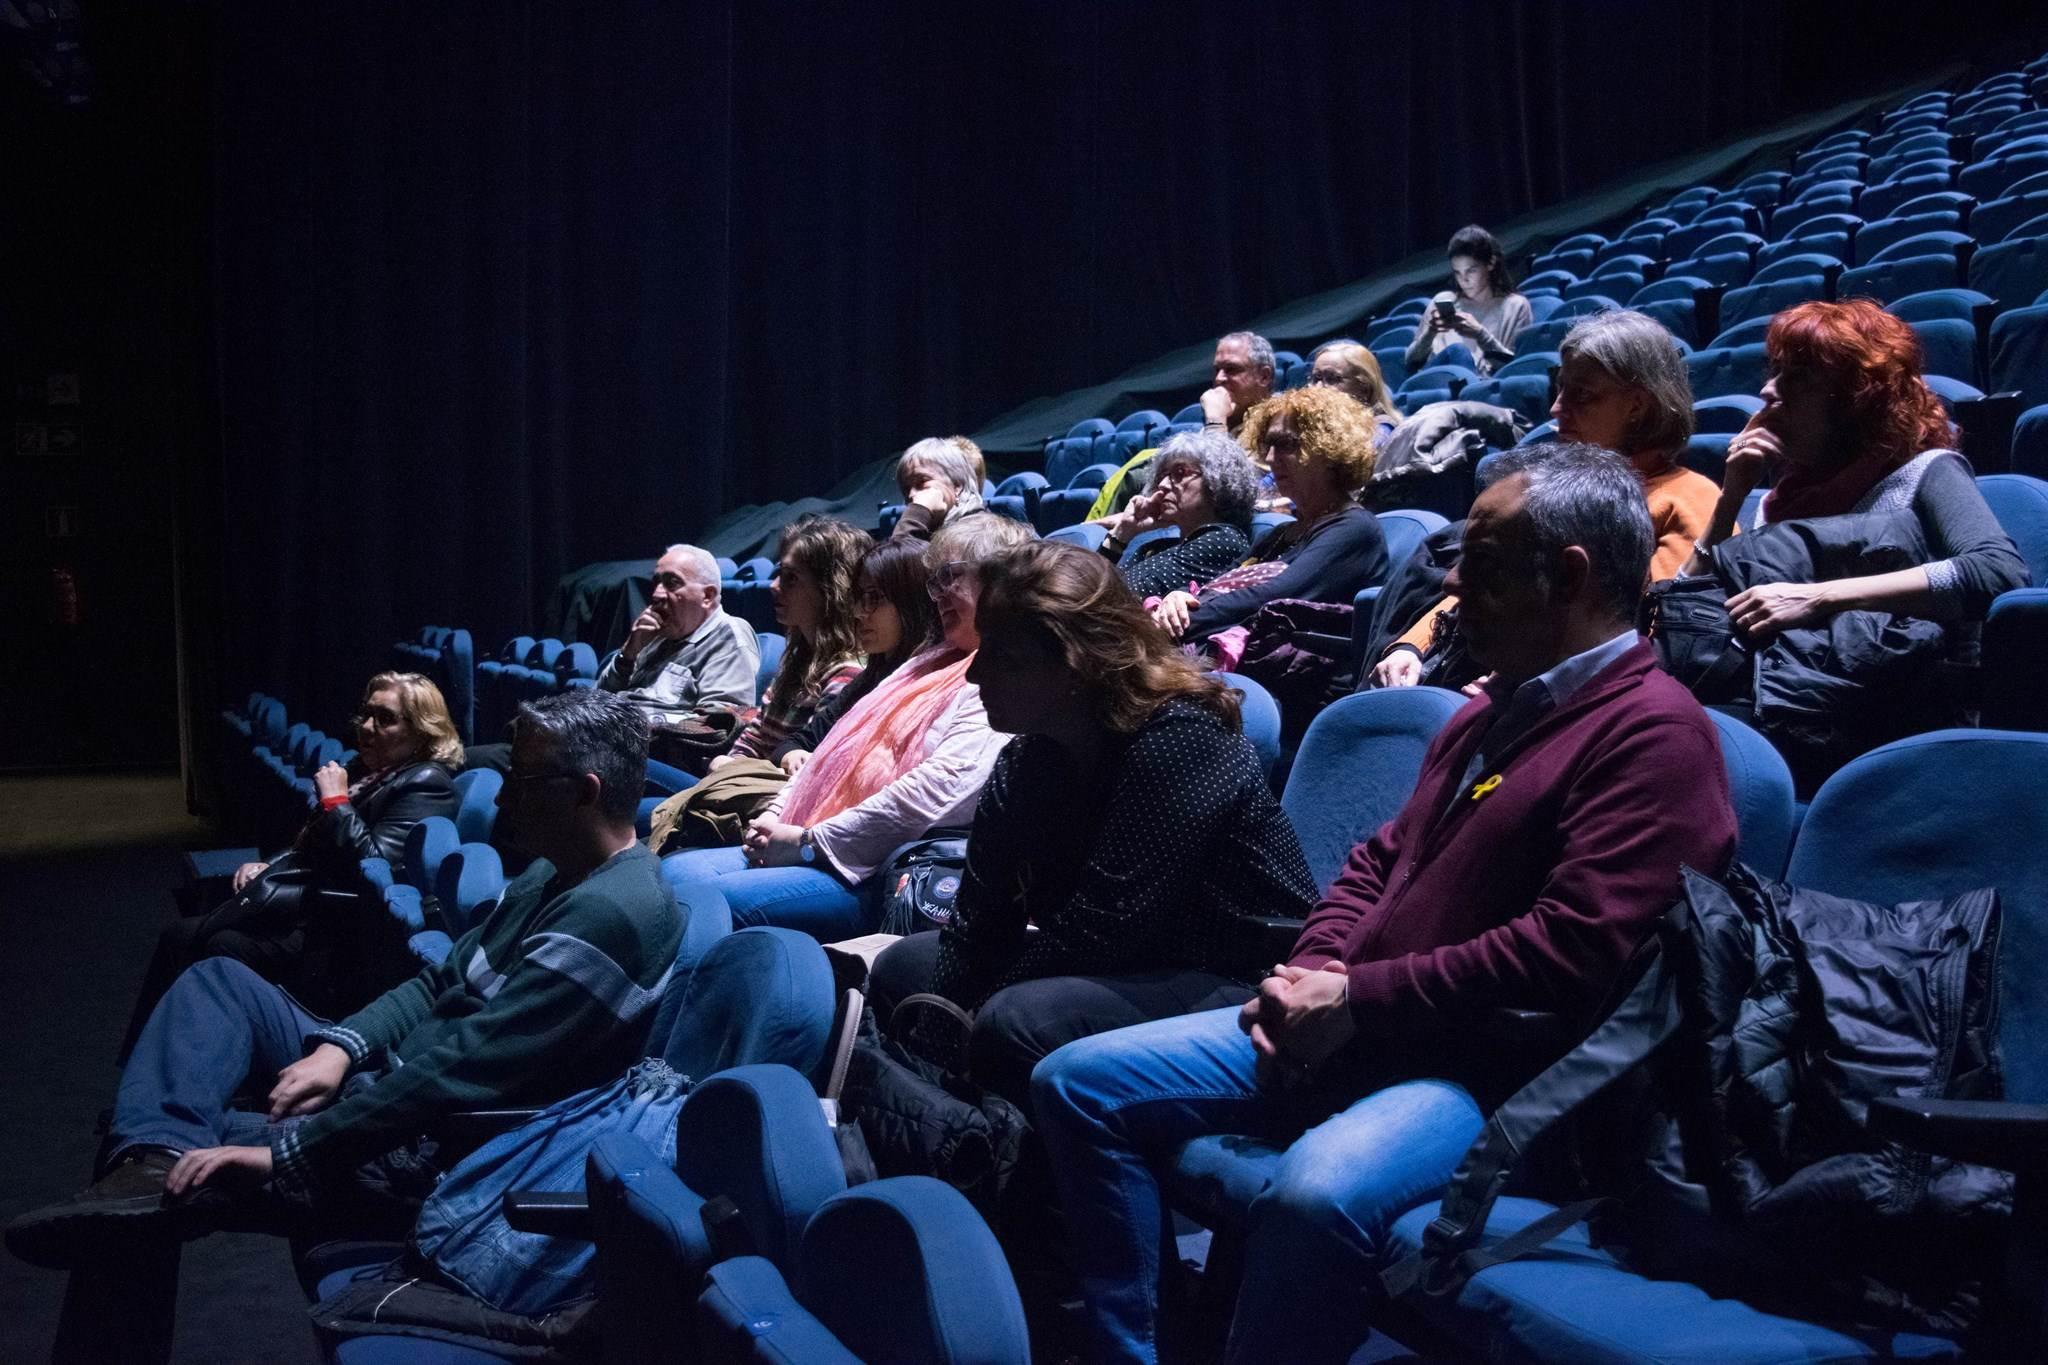 12è Aniversari TR3SC: 'Que rebentin els actors'